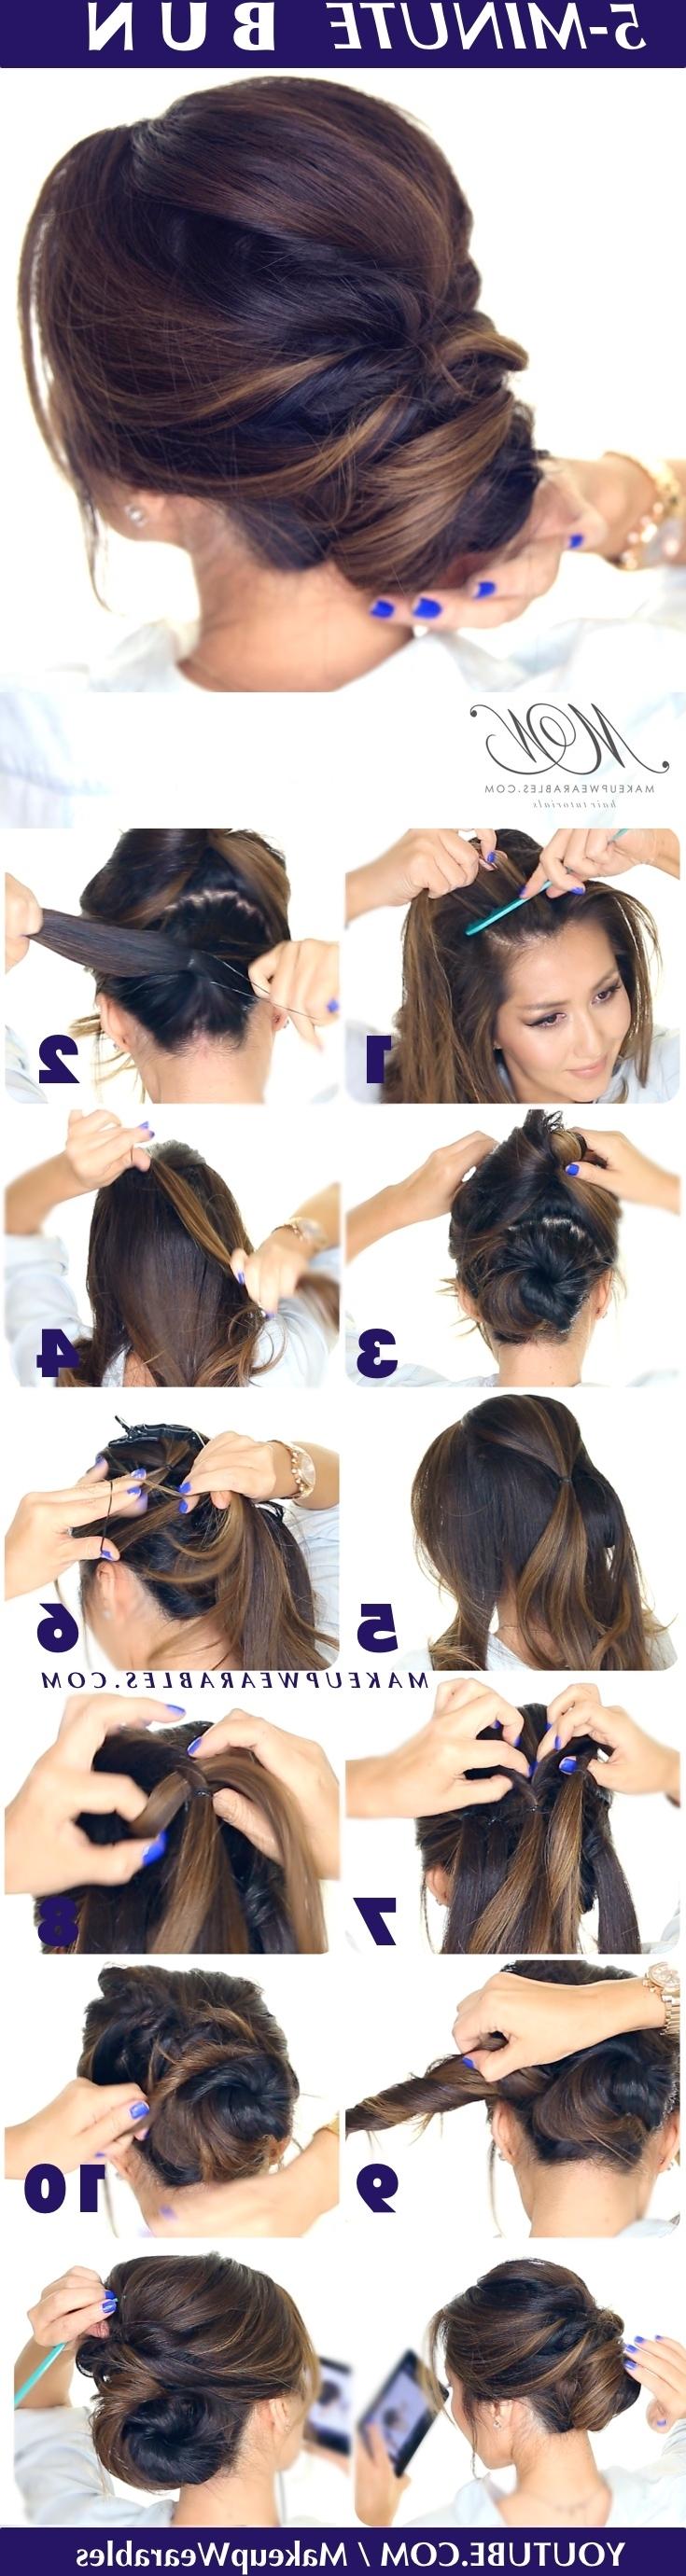 Elegant Easy Hairstyles (View 8 of 20)